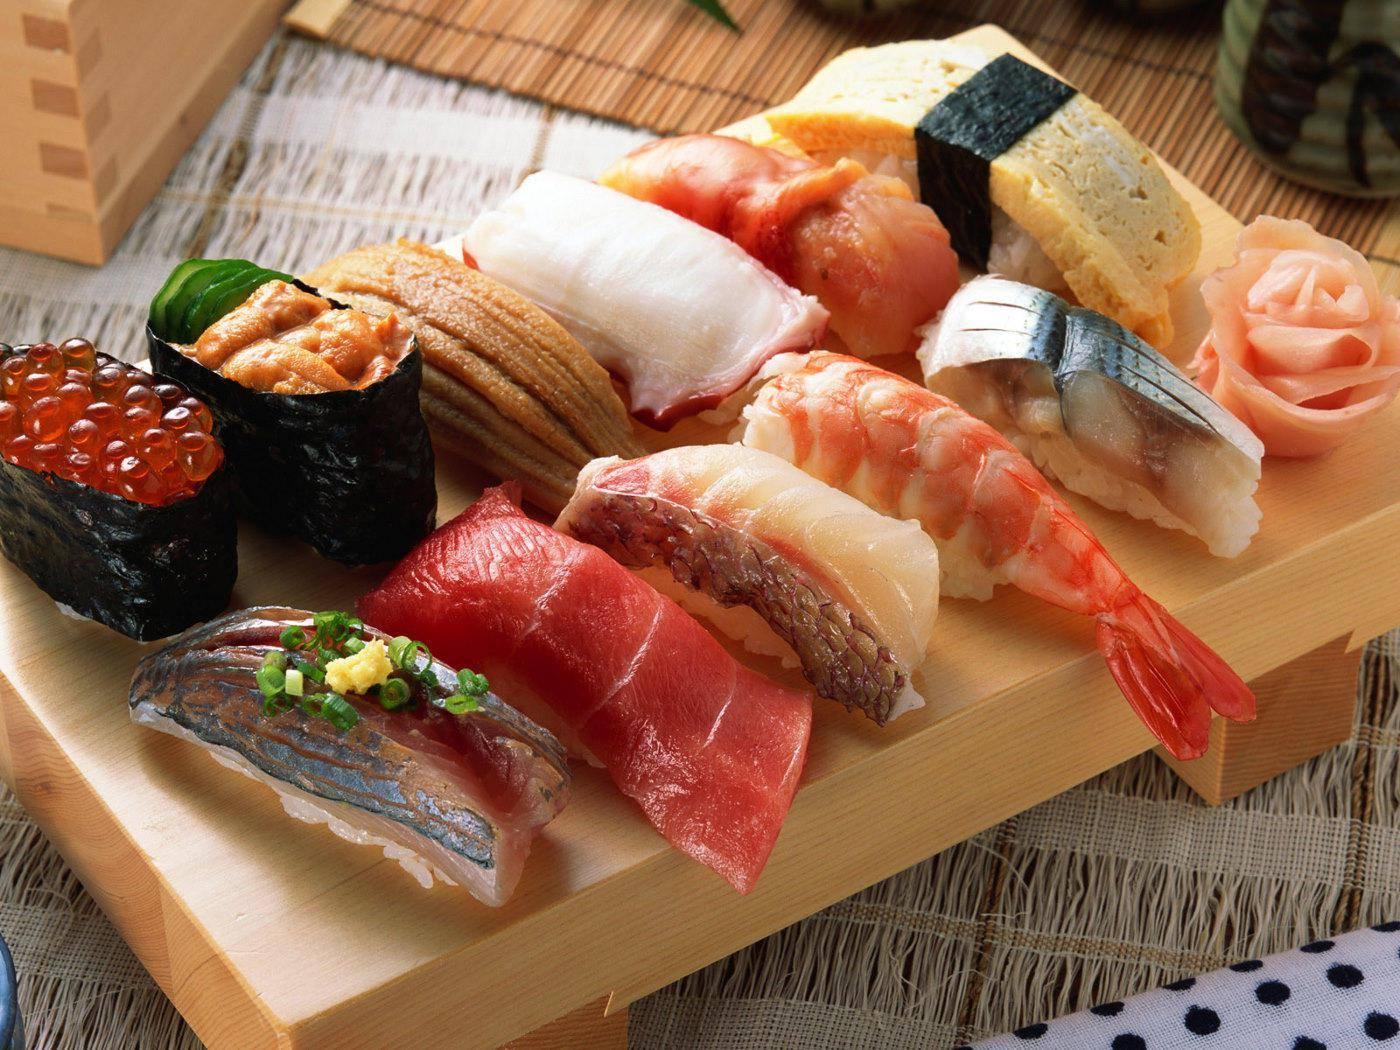 Hana Sushi monorail sushi